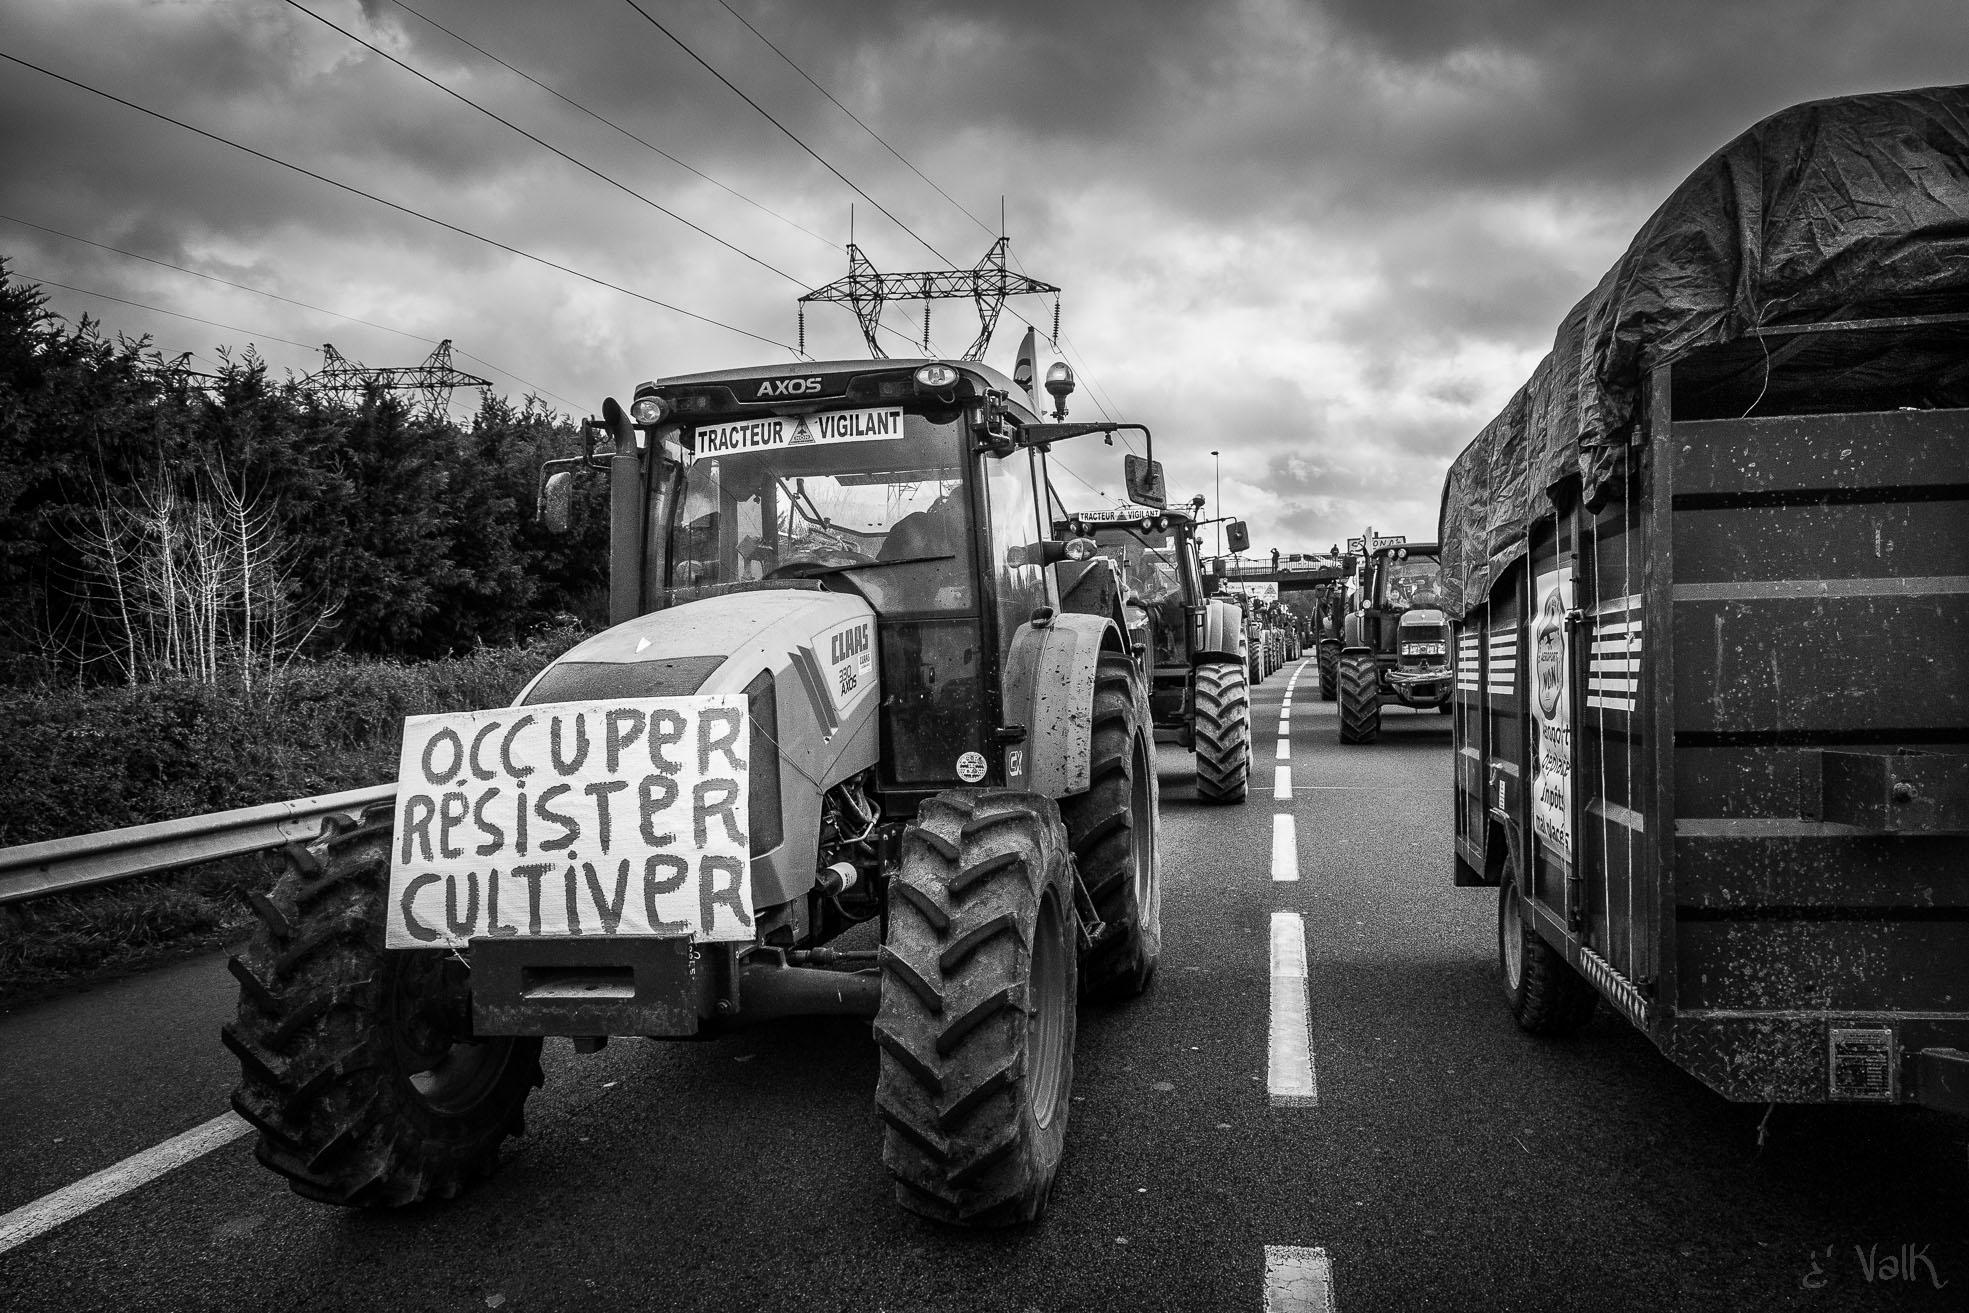 Trattori verso Nantes, 2016. Foto di Valk